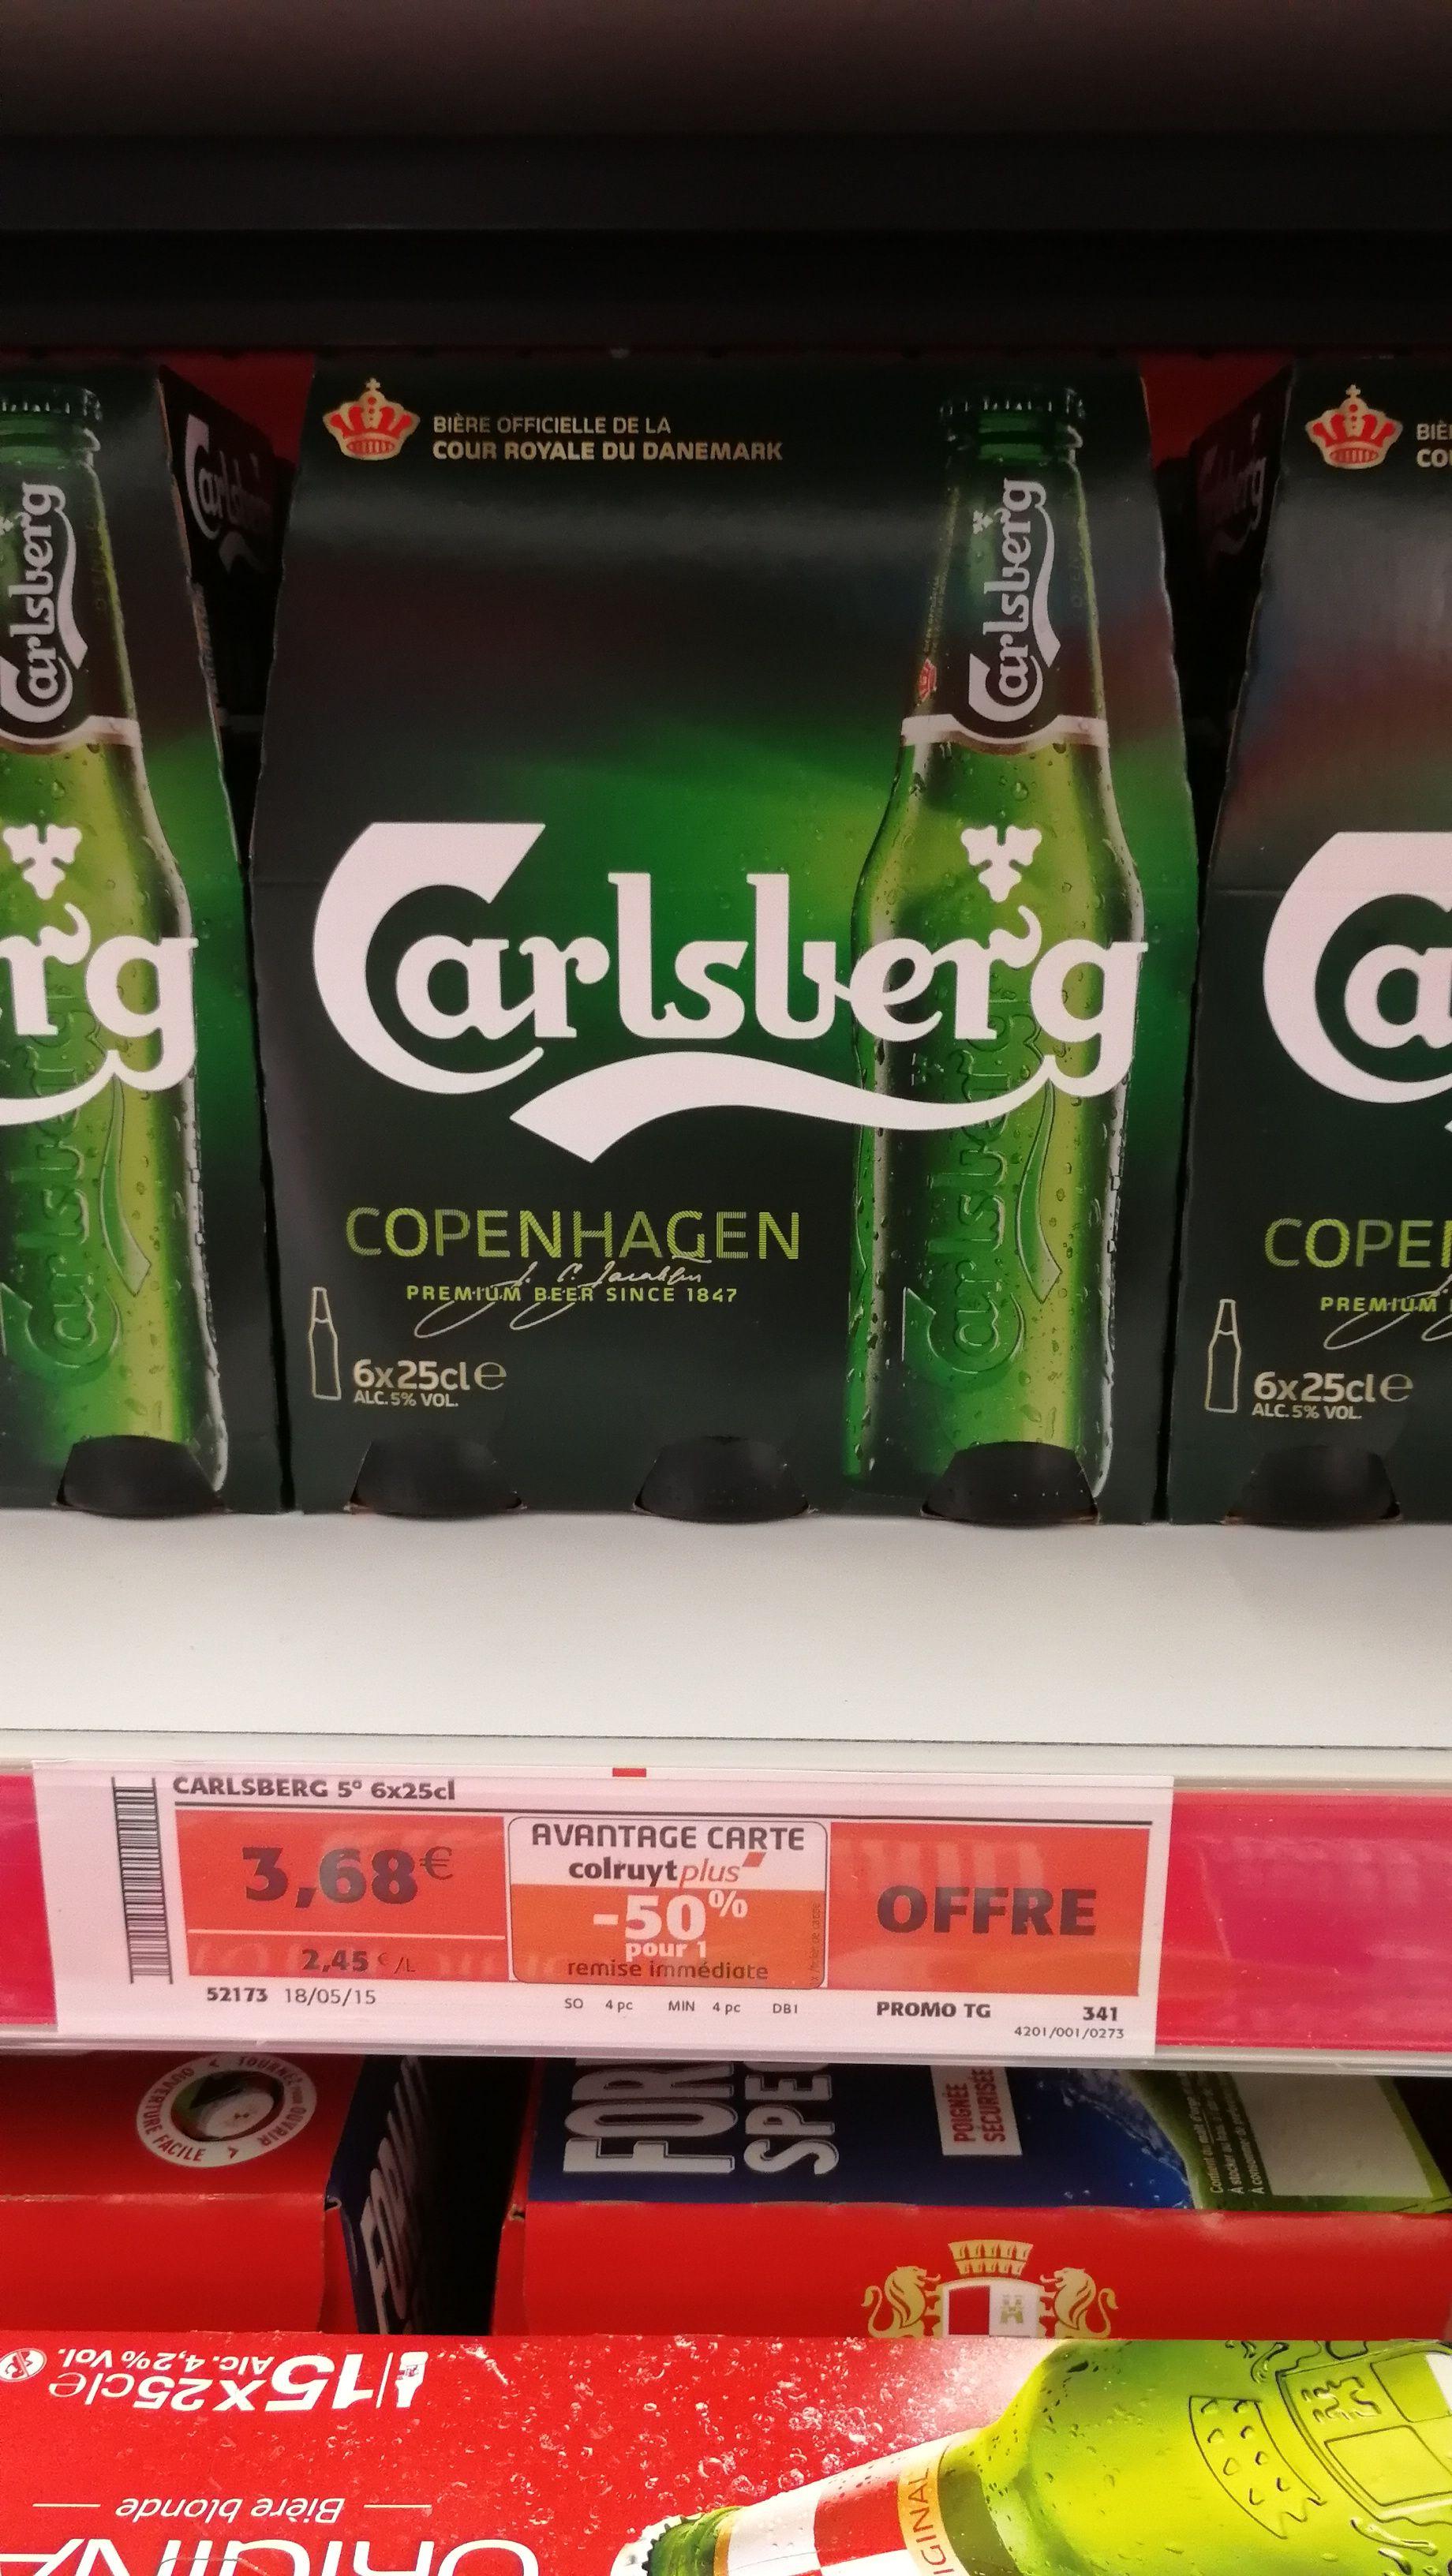 Pack de 6 bières blondes Carlsberg - 25 cl